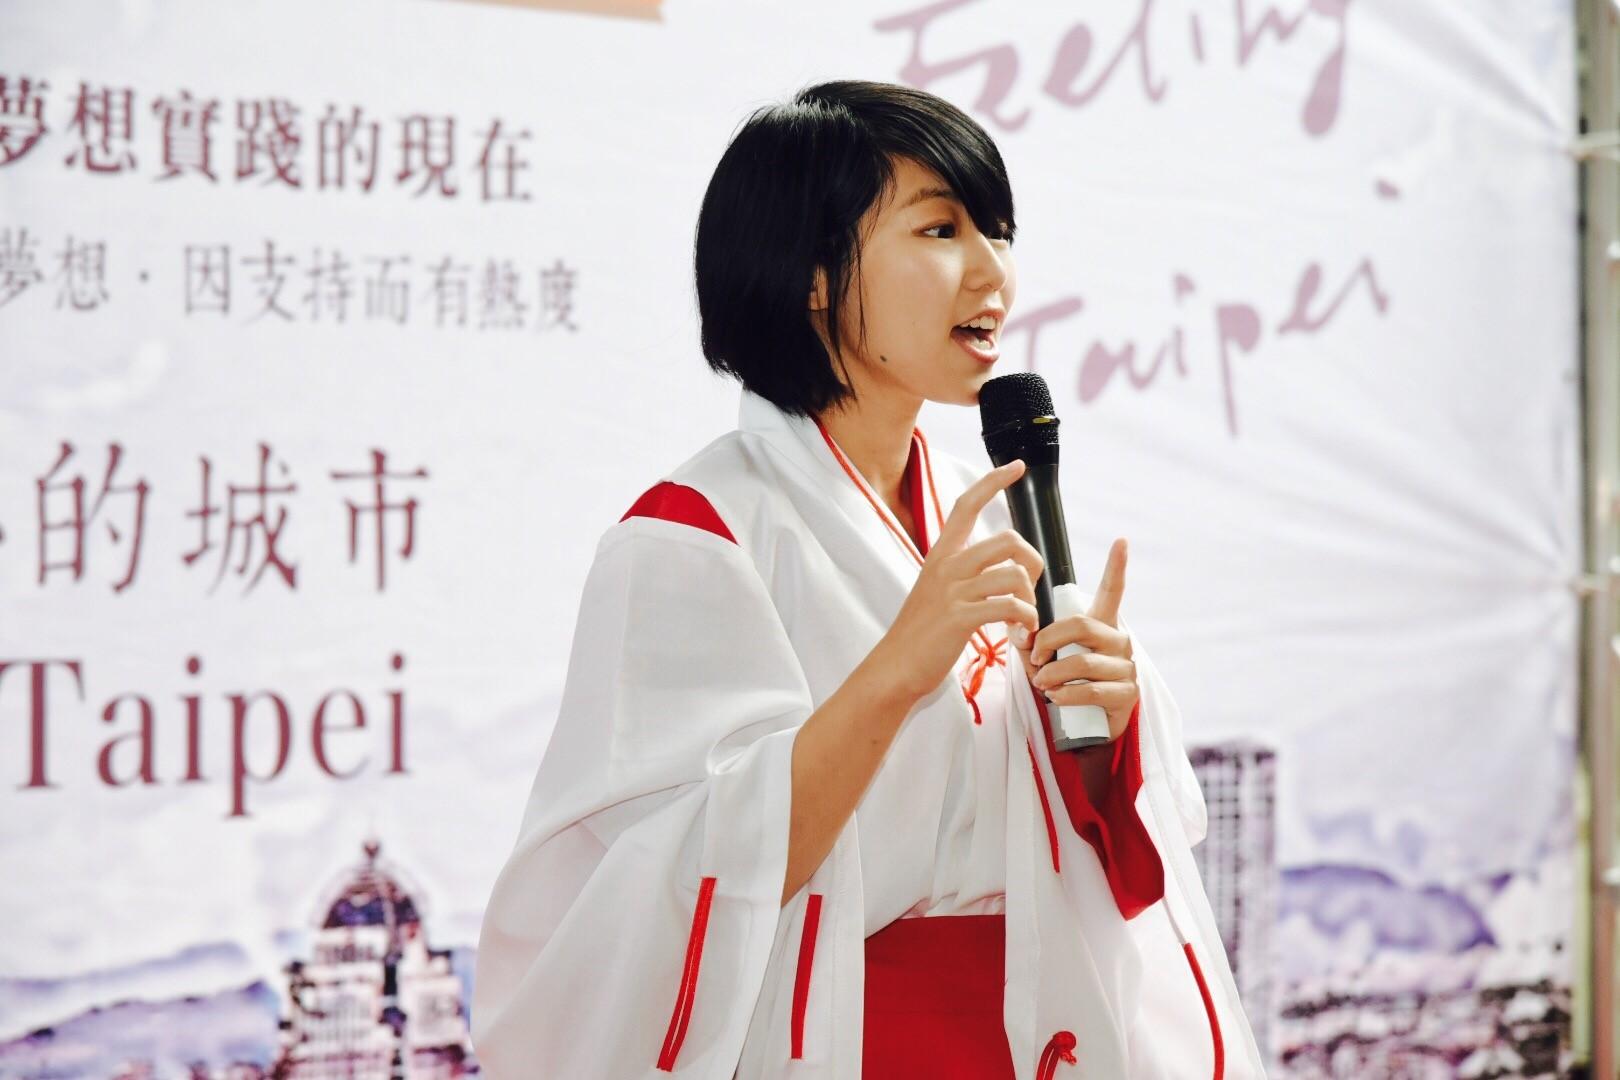 由政風人員角色扮演射箭手桔梗及羅賓漢,主持「有溫度的臺北」開幕式(1-2)